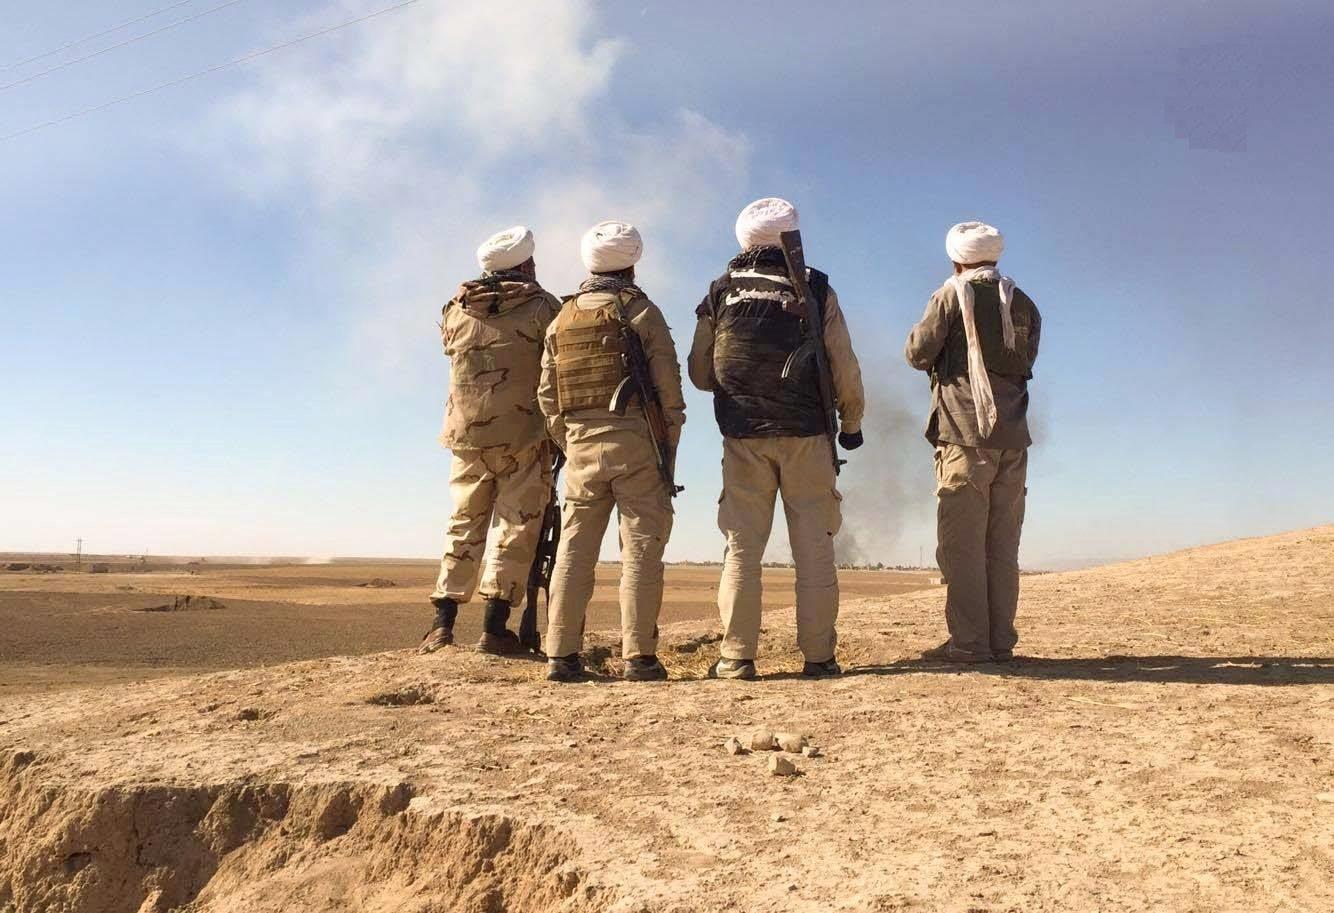 صورة لماذا الحياد العراقي صعب بين واشنطن وطهران؟